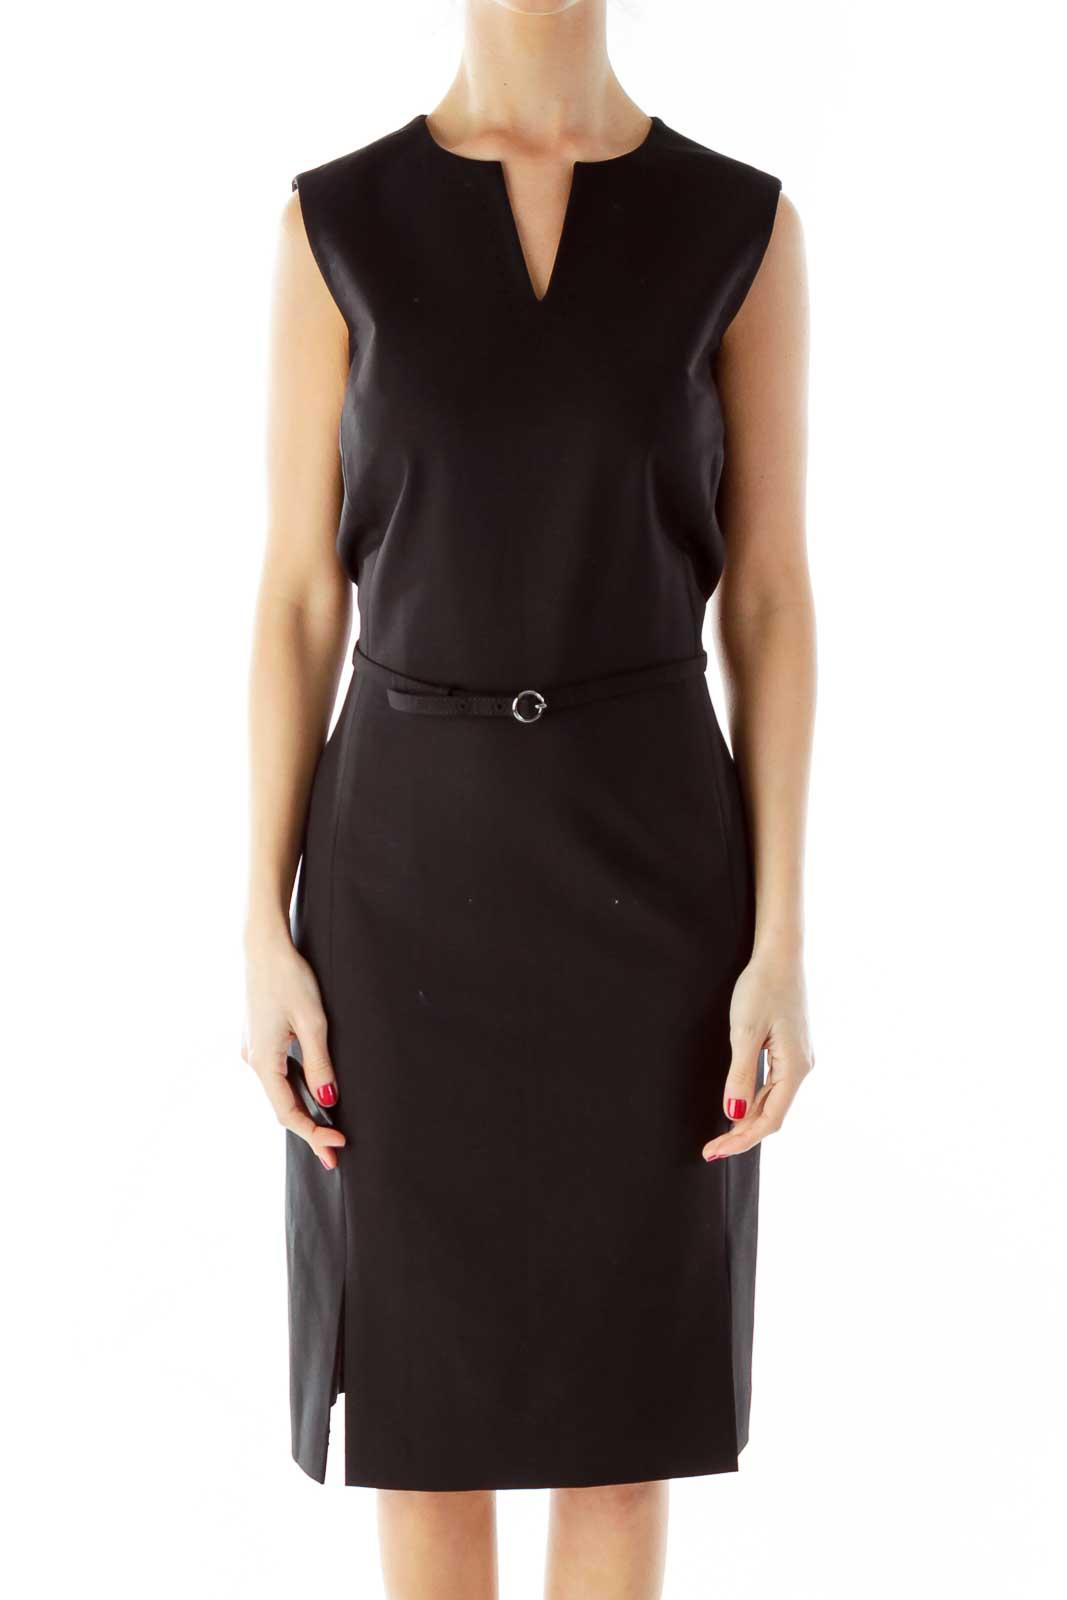 Black V-Neck Belted Work Dress Front